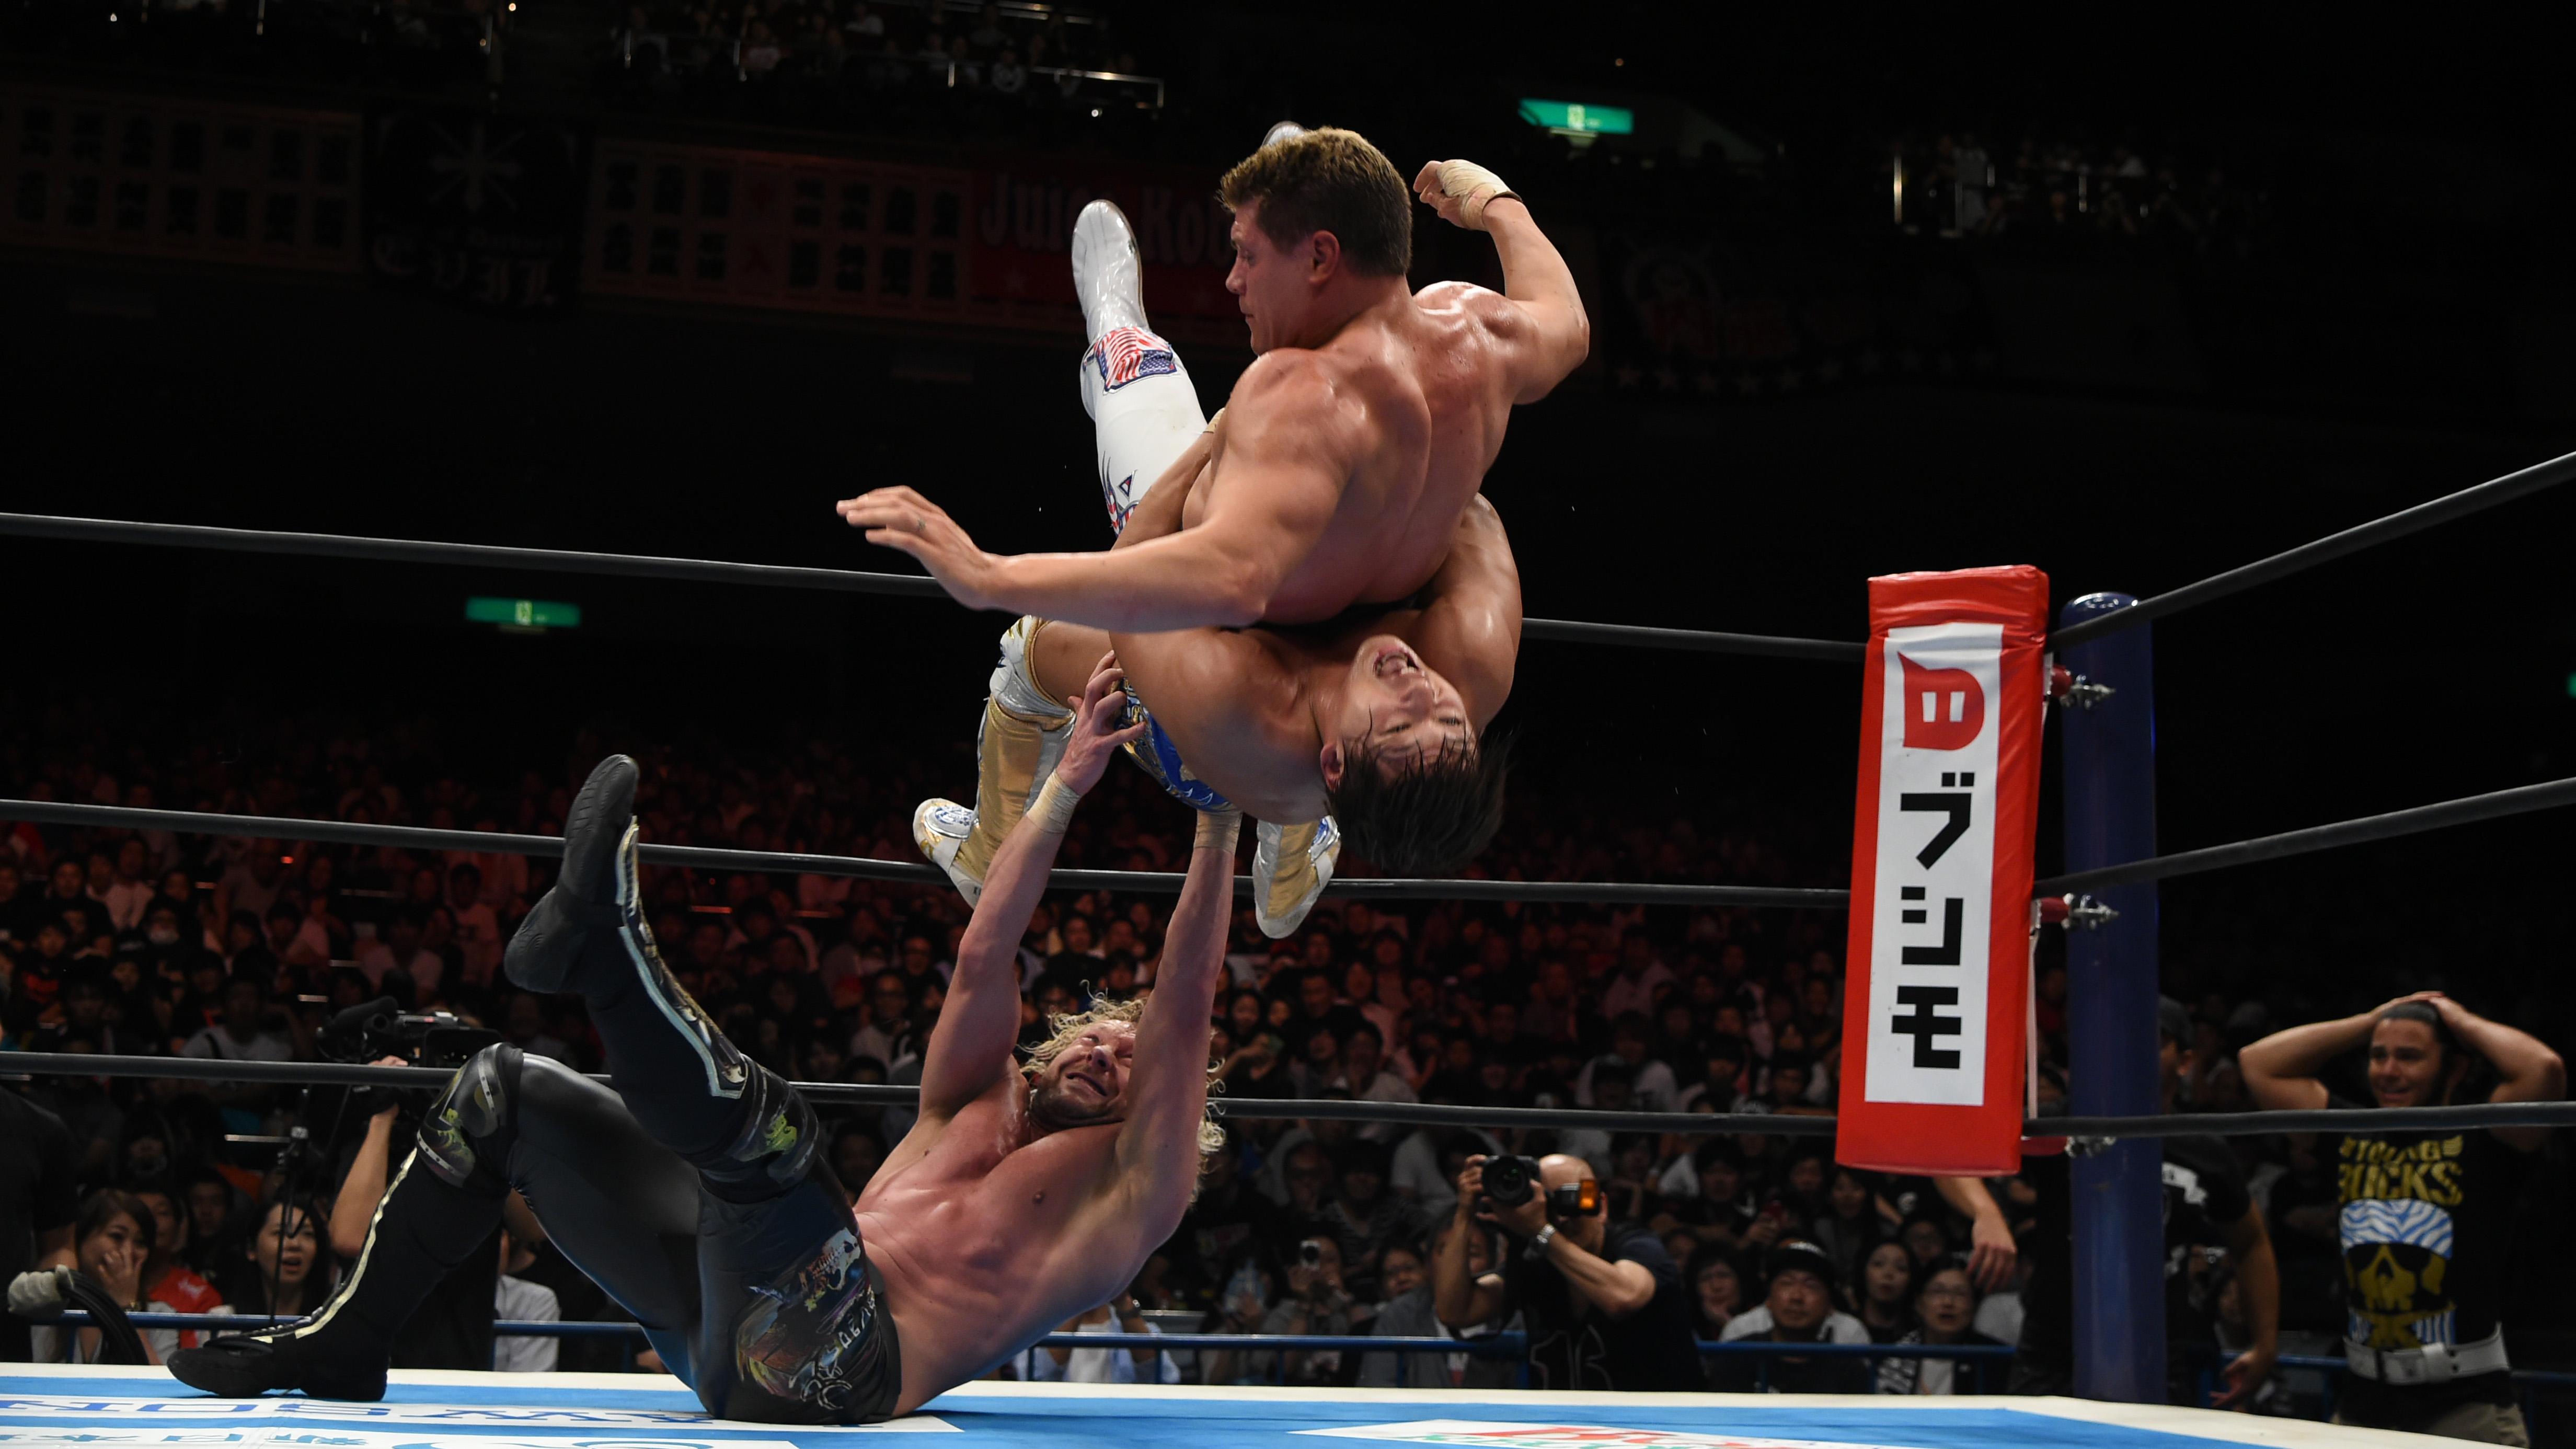 WWE wrestling news: Best male wrestlers of 2018 list